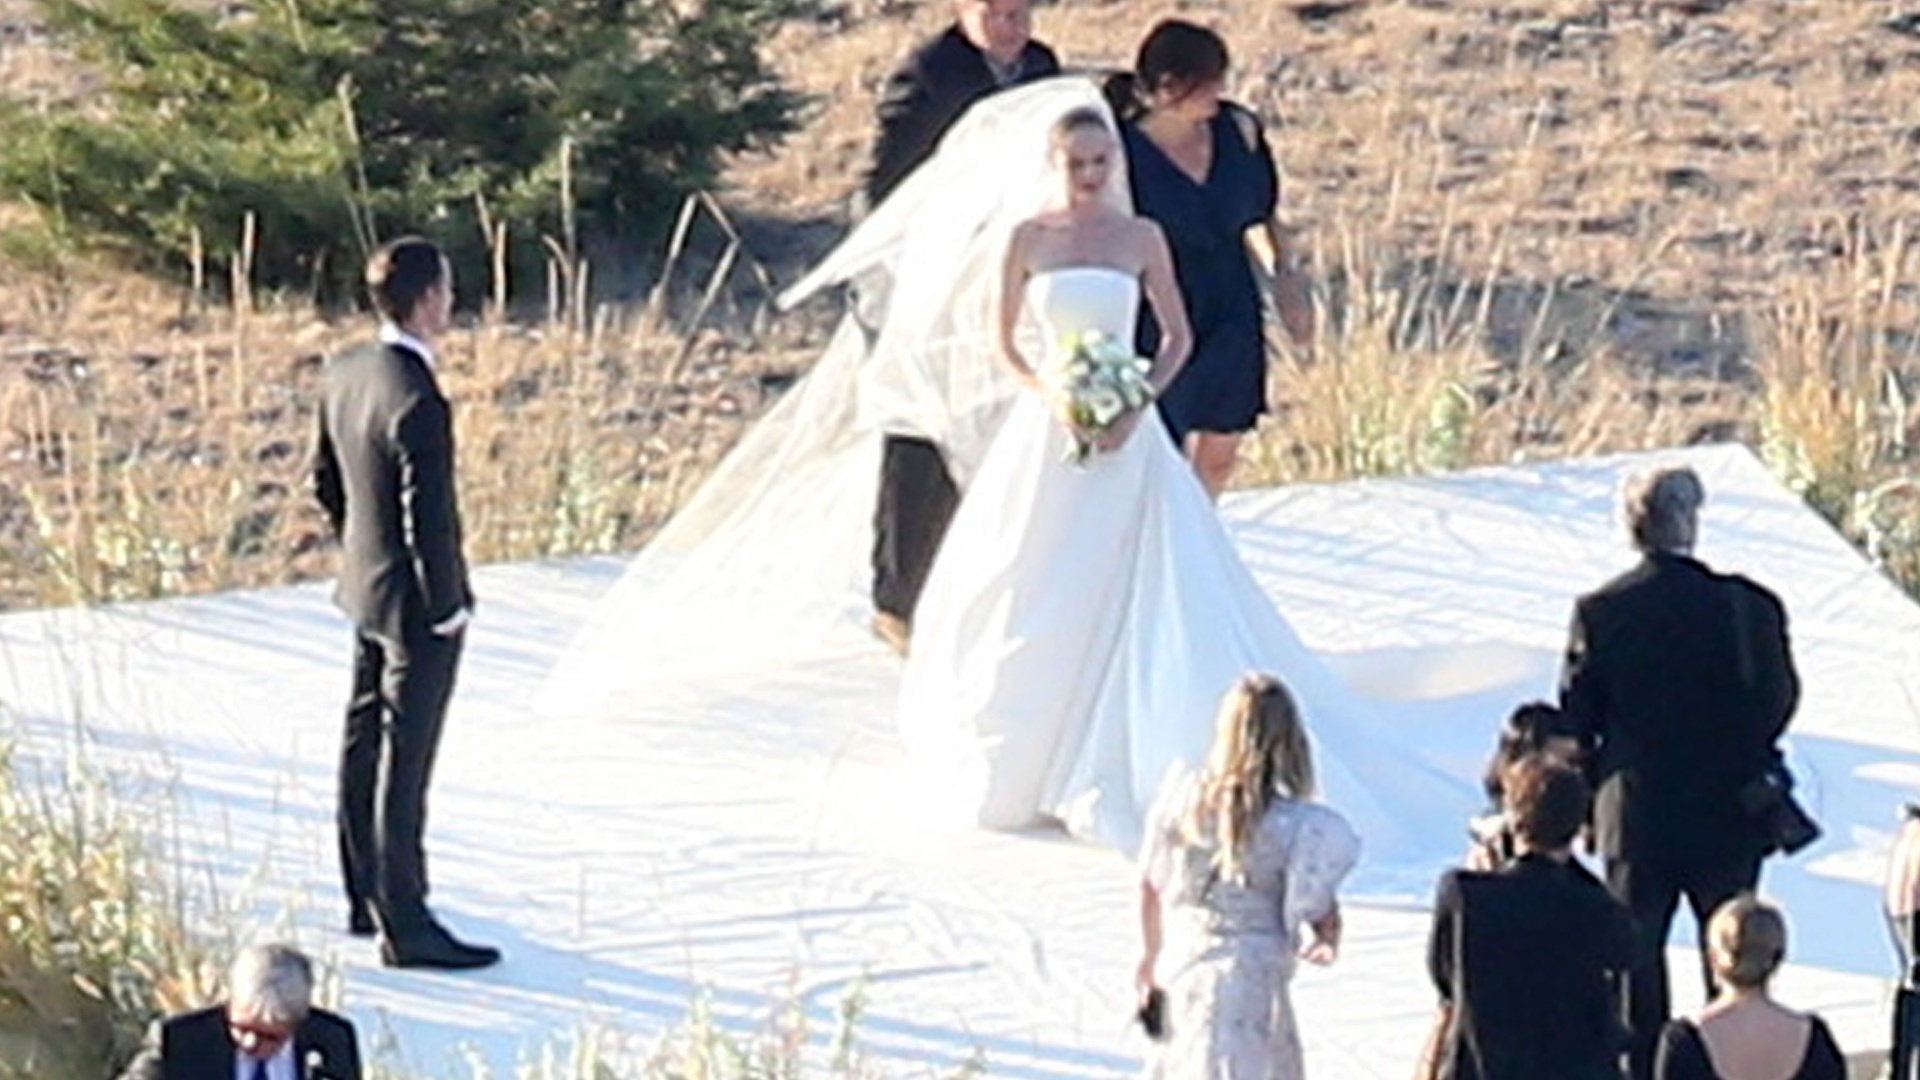 31.ago.2013 - A atriz Kate Bosworth posa para fotos após se casar com o cineasta Michael Polish em um rancho no estado norte-americano de Montana. Na recepção, ela trocou o longo Oscar de La Renta por um vestido floral de tule, enquanto o marido usou um terno de três peças